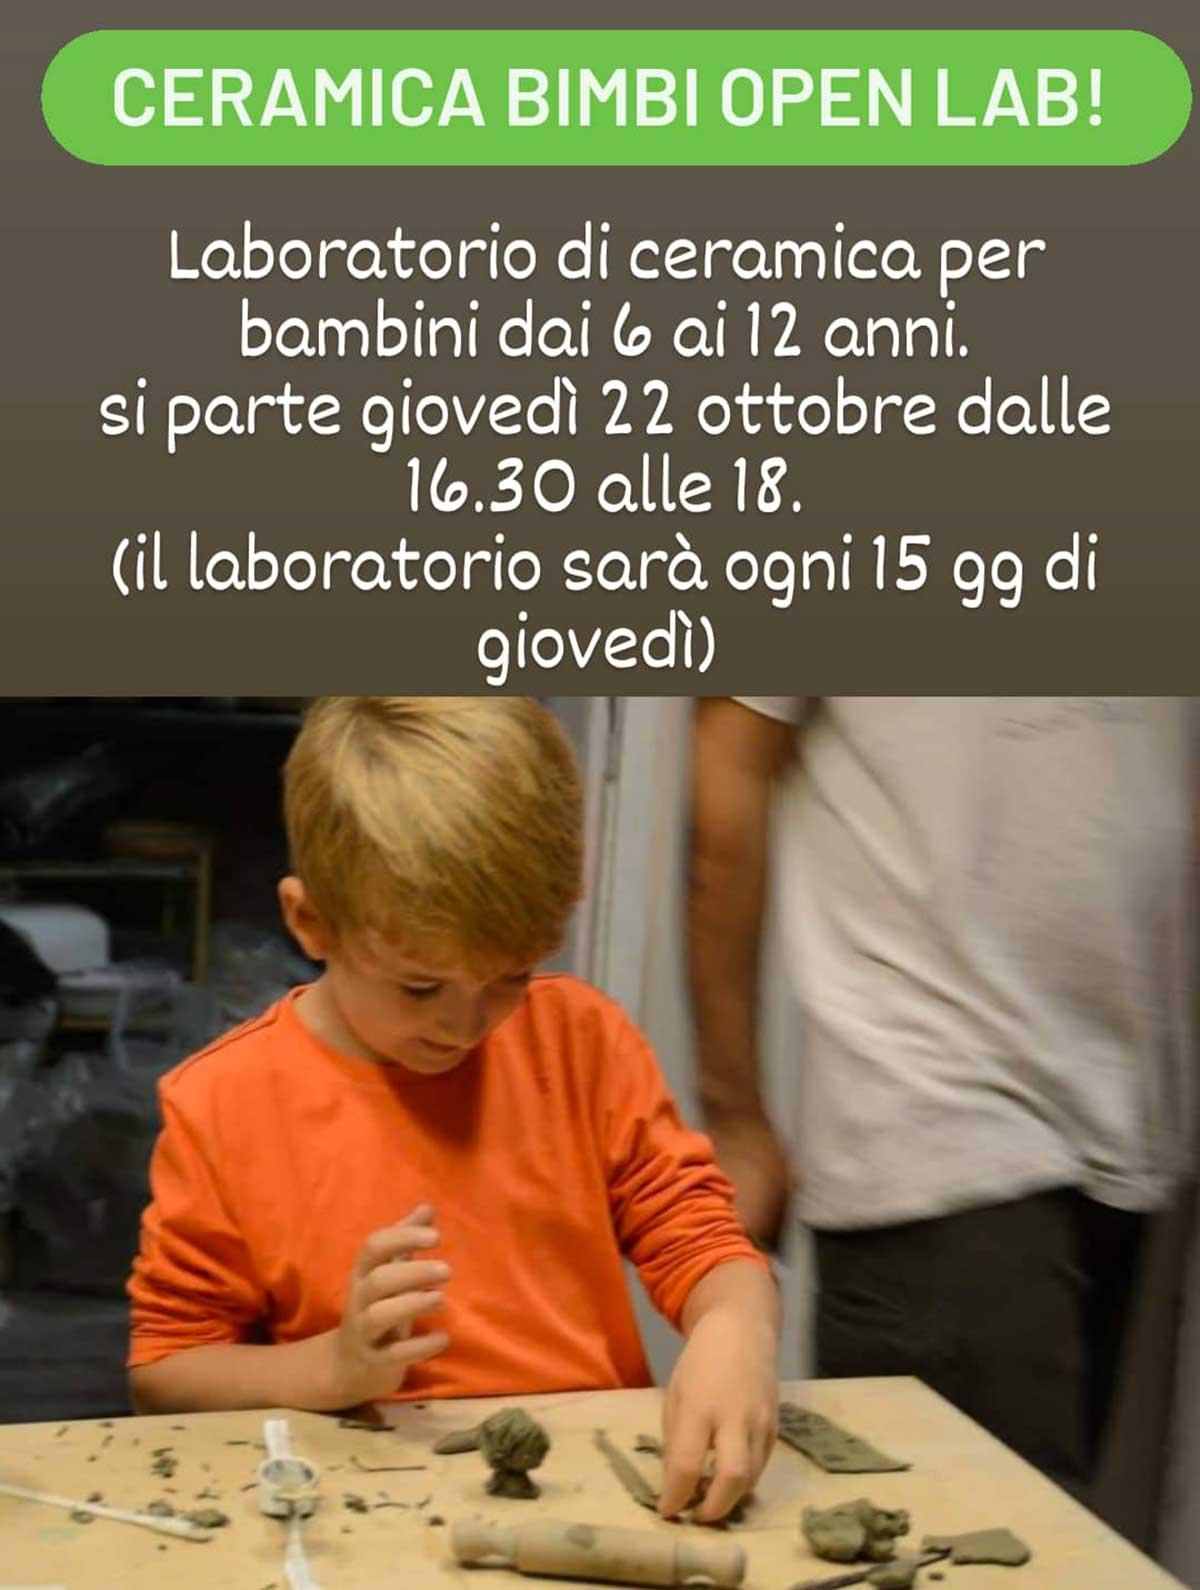 ceramica-bimbi-open-lab-tramearte